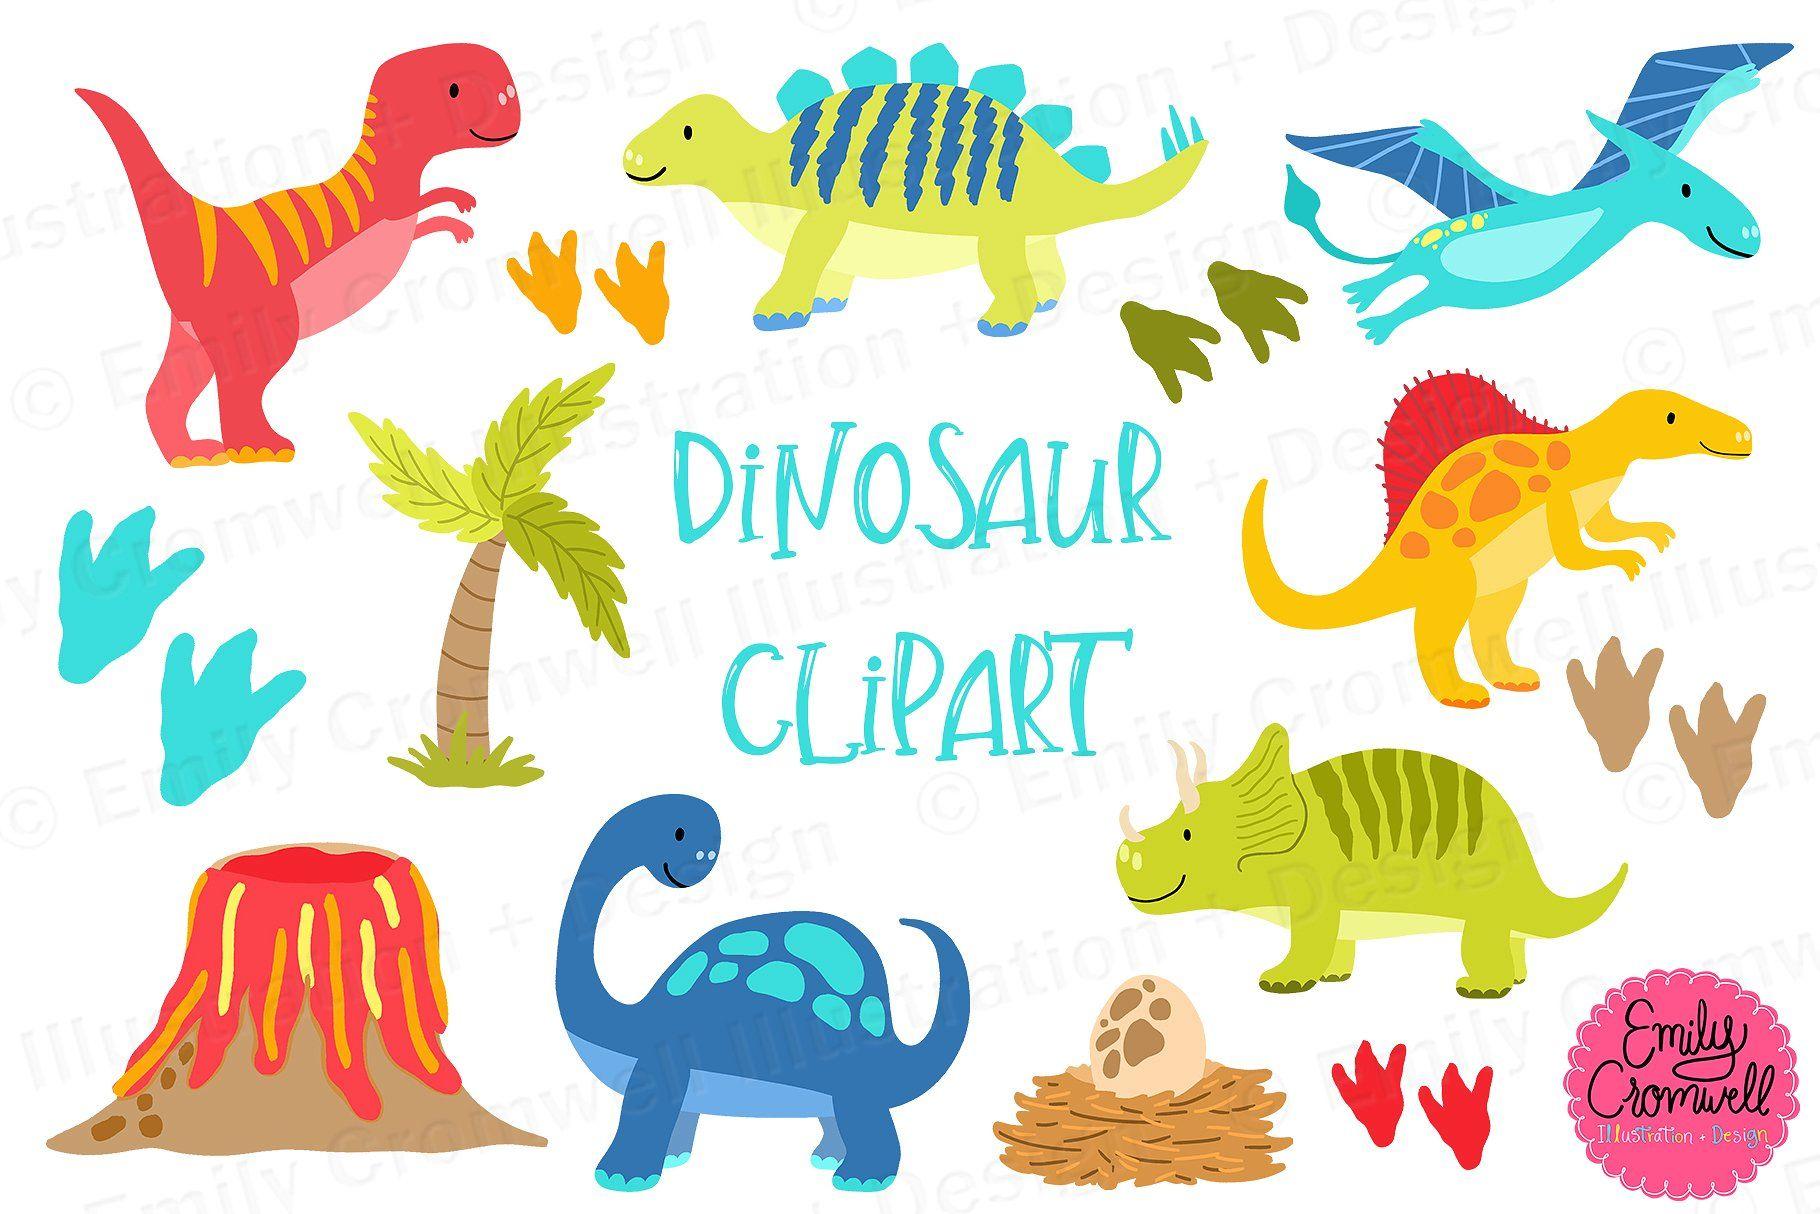 Dinosaur Clipart #colored#dinosaur#volcano#tree in 2019.